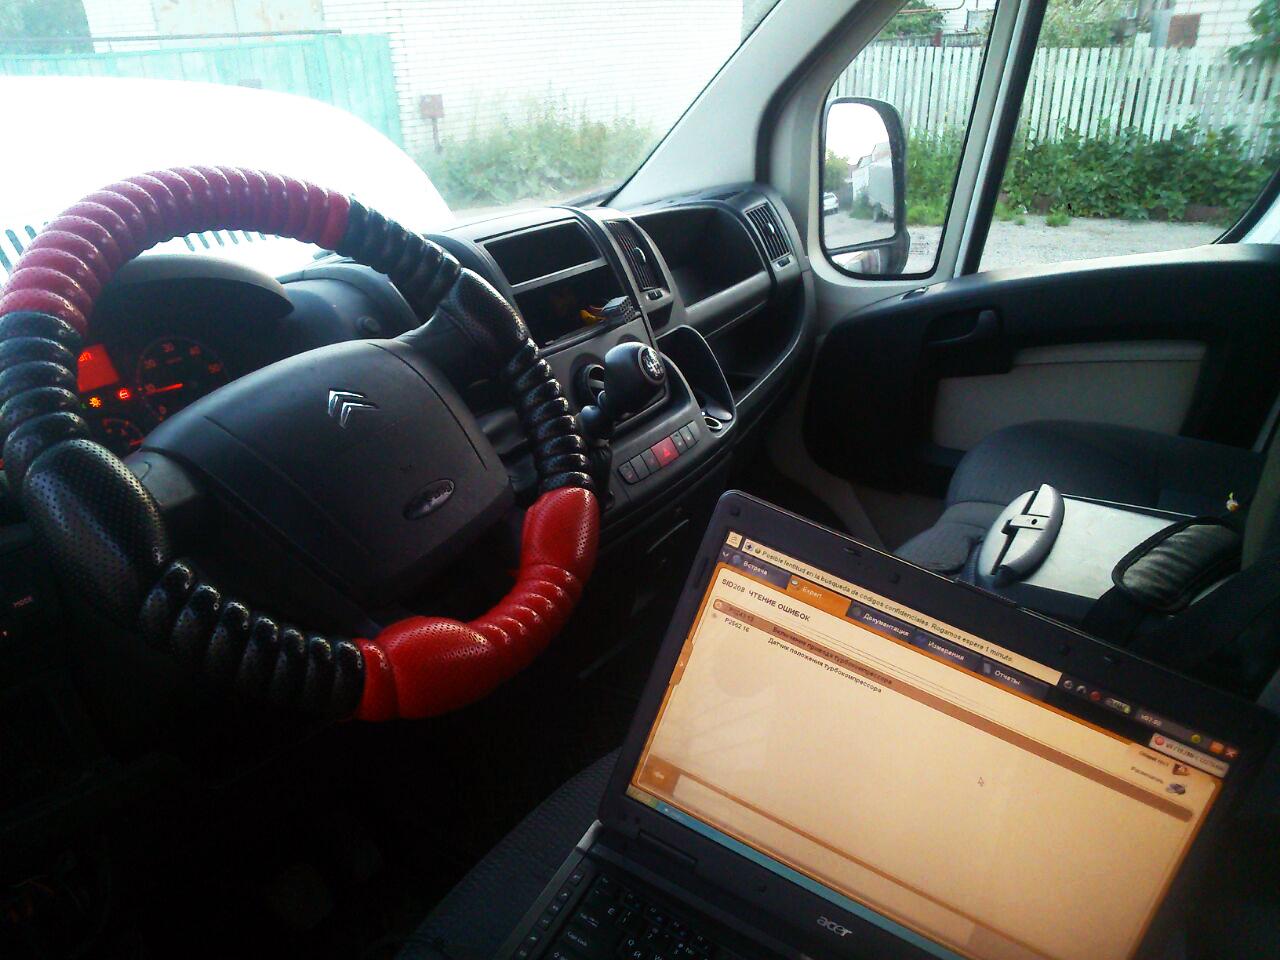 Электронный блок управления двигателем Continental SID208 автомобиля FORD TRANSIT (каталожный номер CC11-12A650-BC). Ремонт ЭБУ.